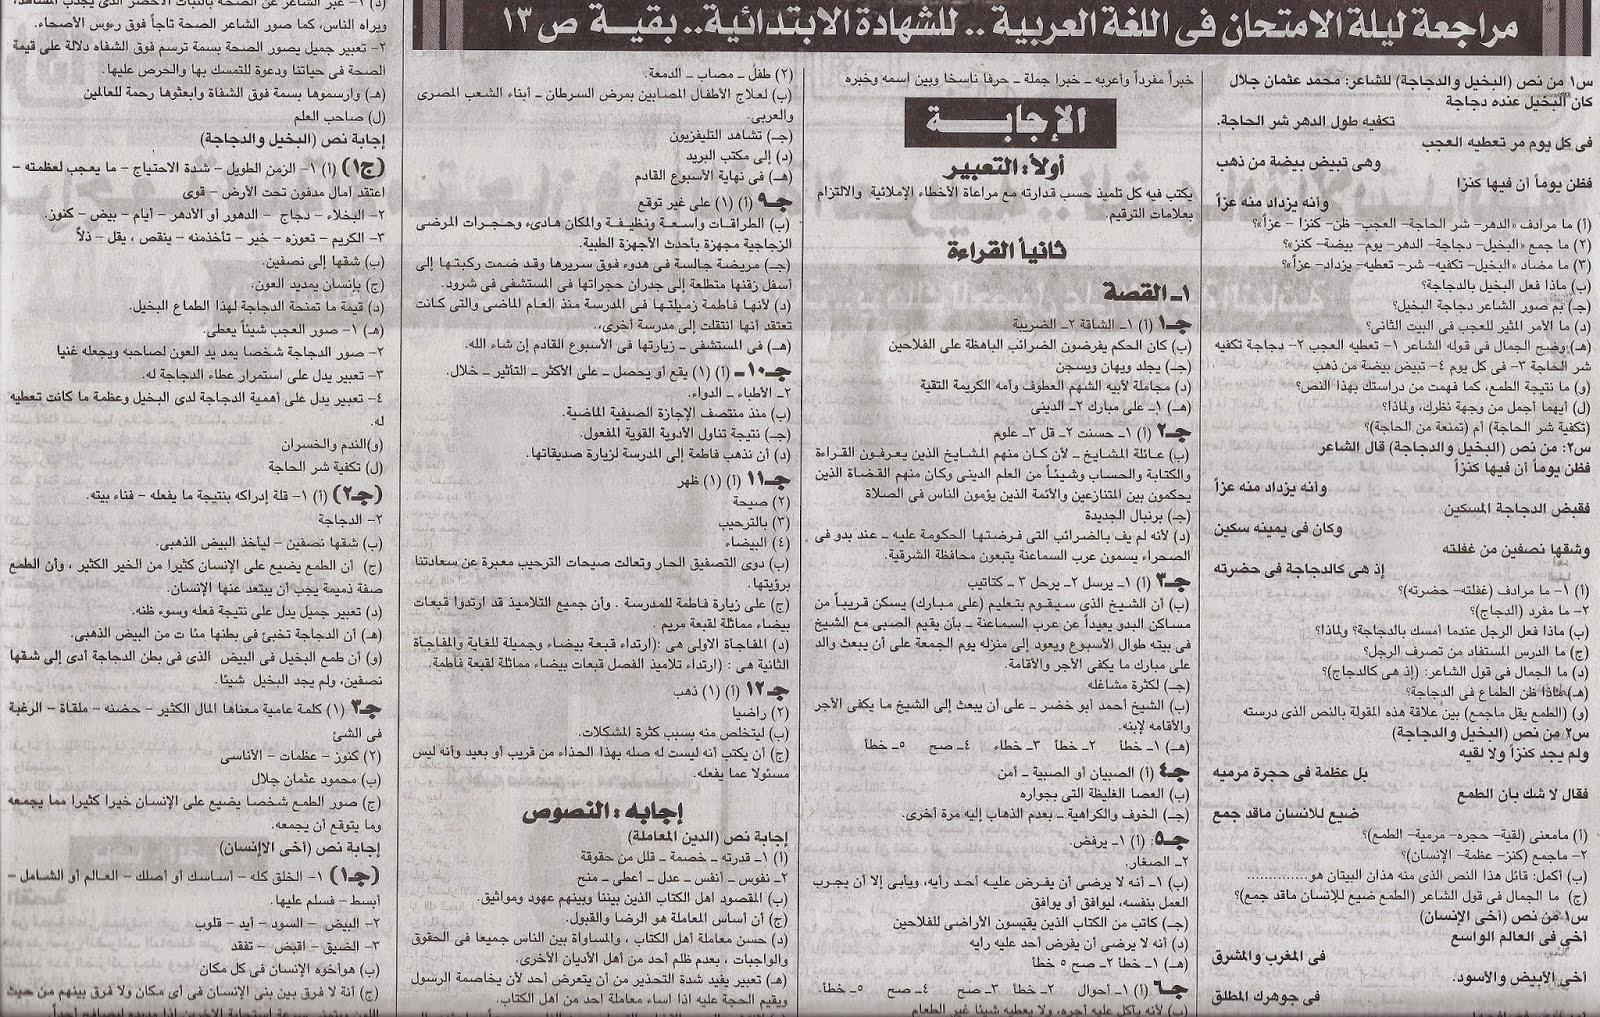 كل مراجعات ملاحق الجمهورية للترم الأول 2015 للشهادة الإبتدائية المنهاج المصري scan0118.jpg